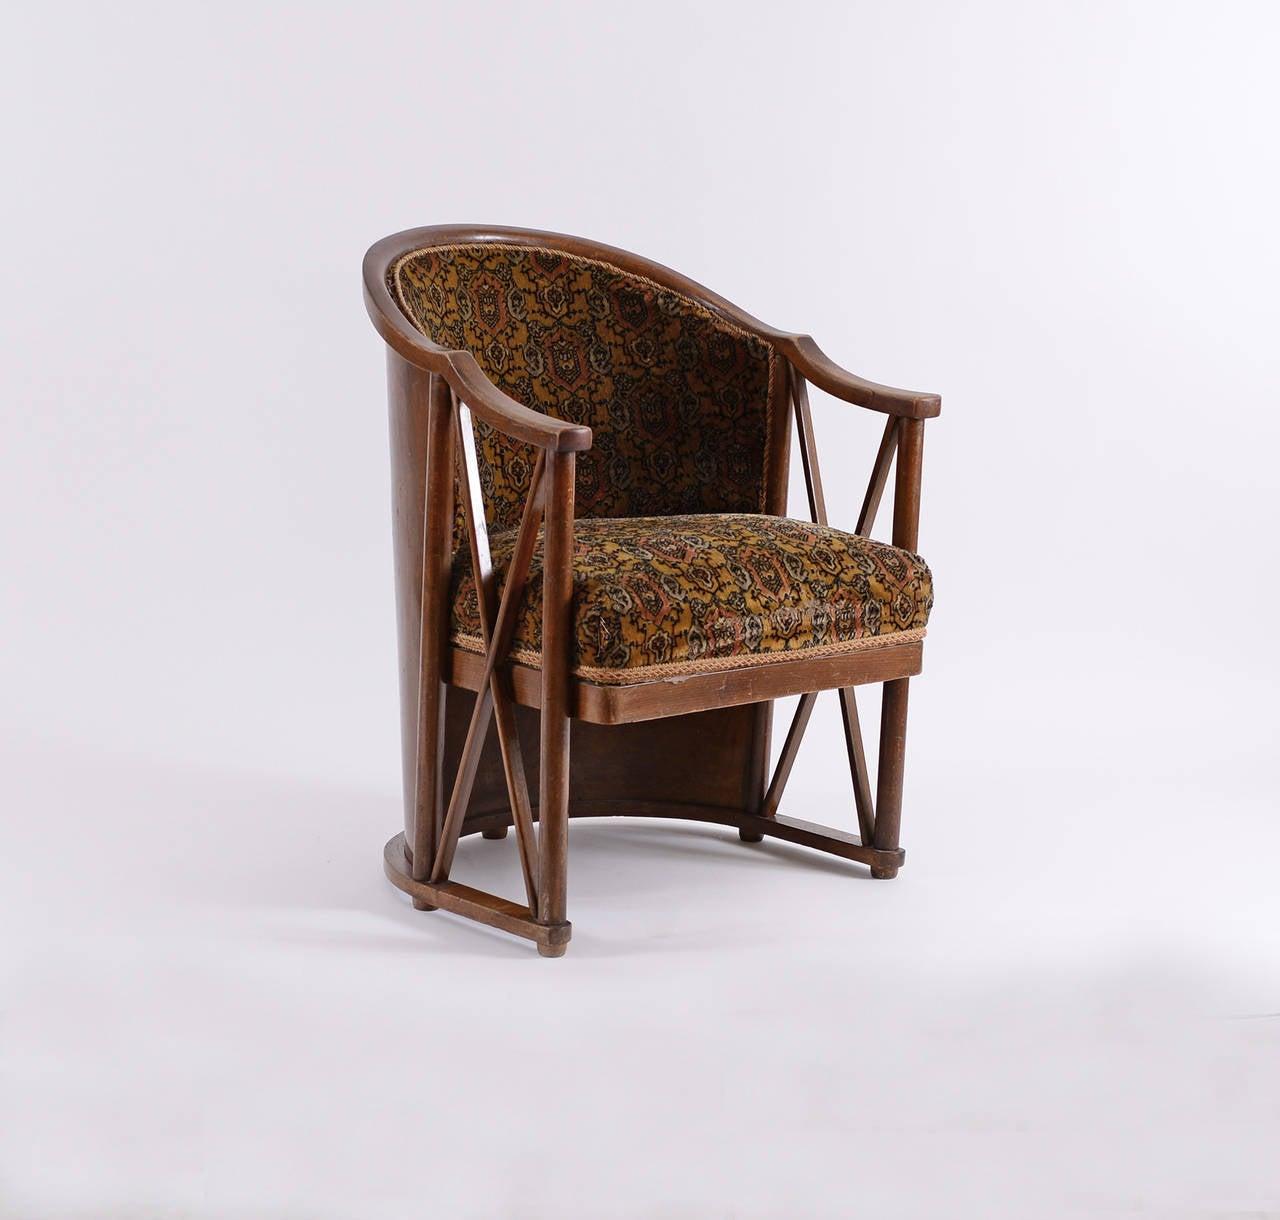 Extremely rare armchair by josef hoffmann for kohn at 1stdibs - Sofas ka internacional ...